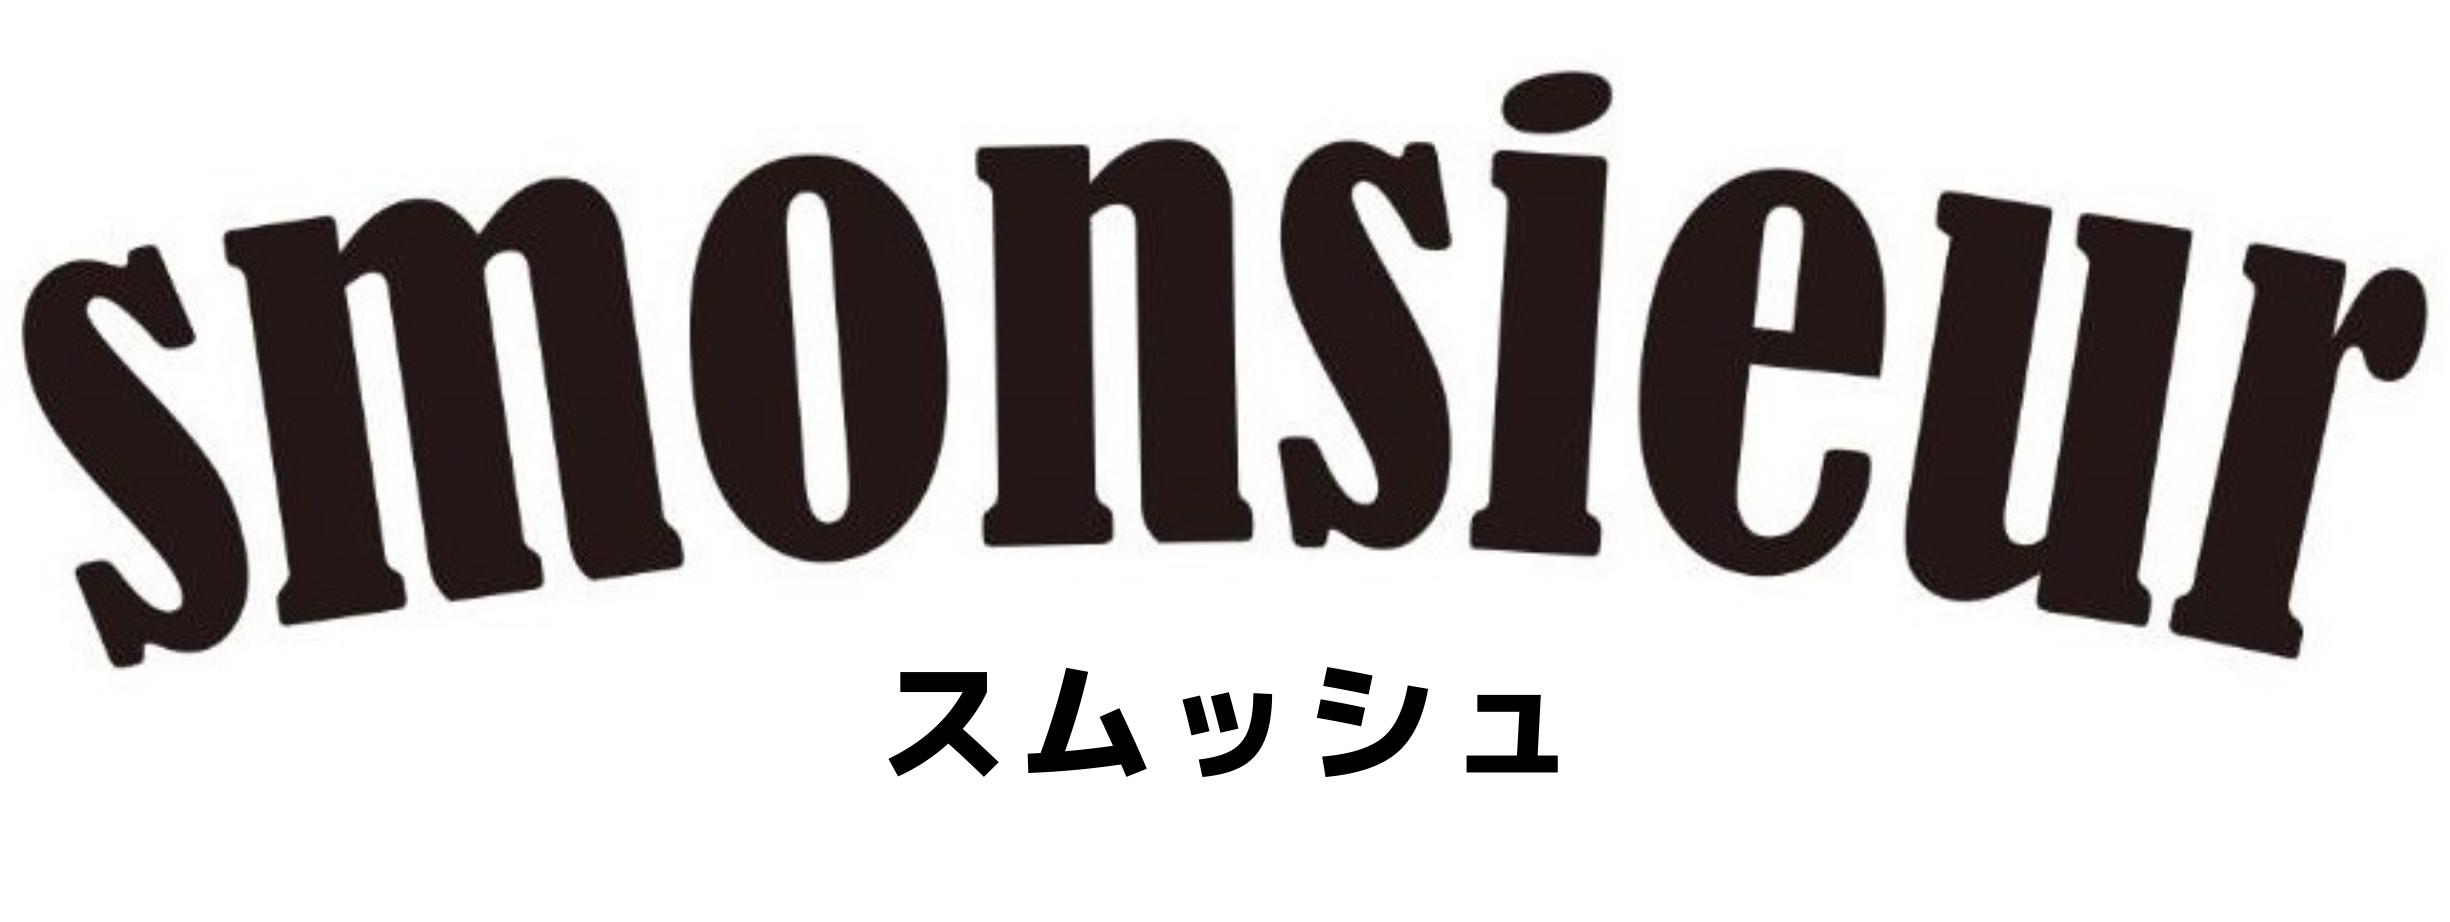 スムッシュ(smonsieur)三軒茶屋のメンズ脱毛